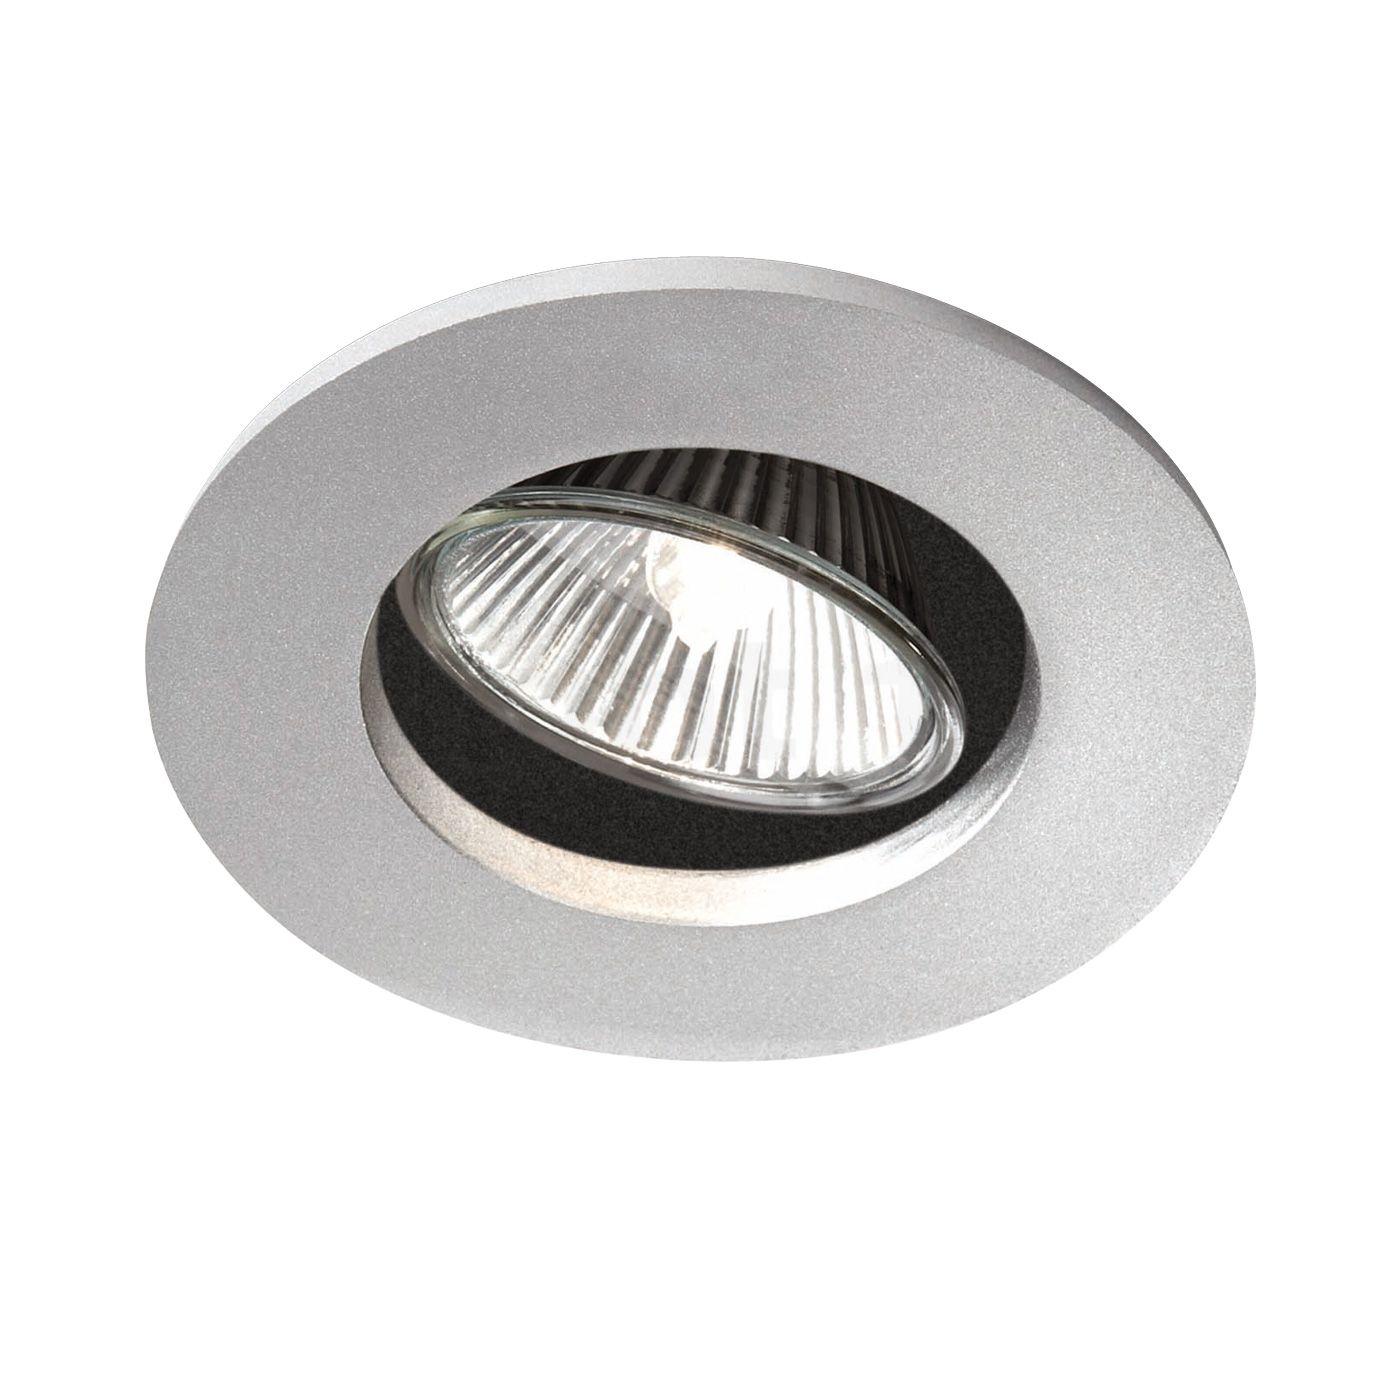 philips myliving agena 57959 spot spotlights. Black Bedroom Furniture Sets. Home Design Ideas